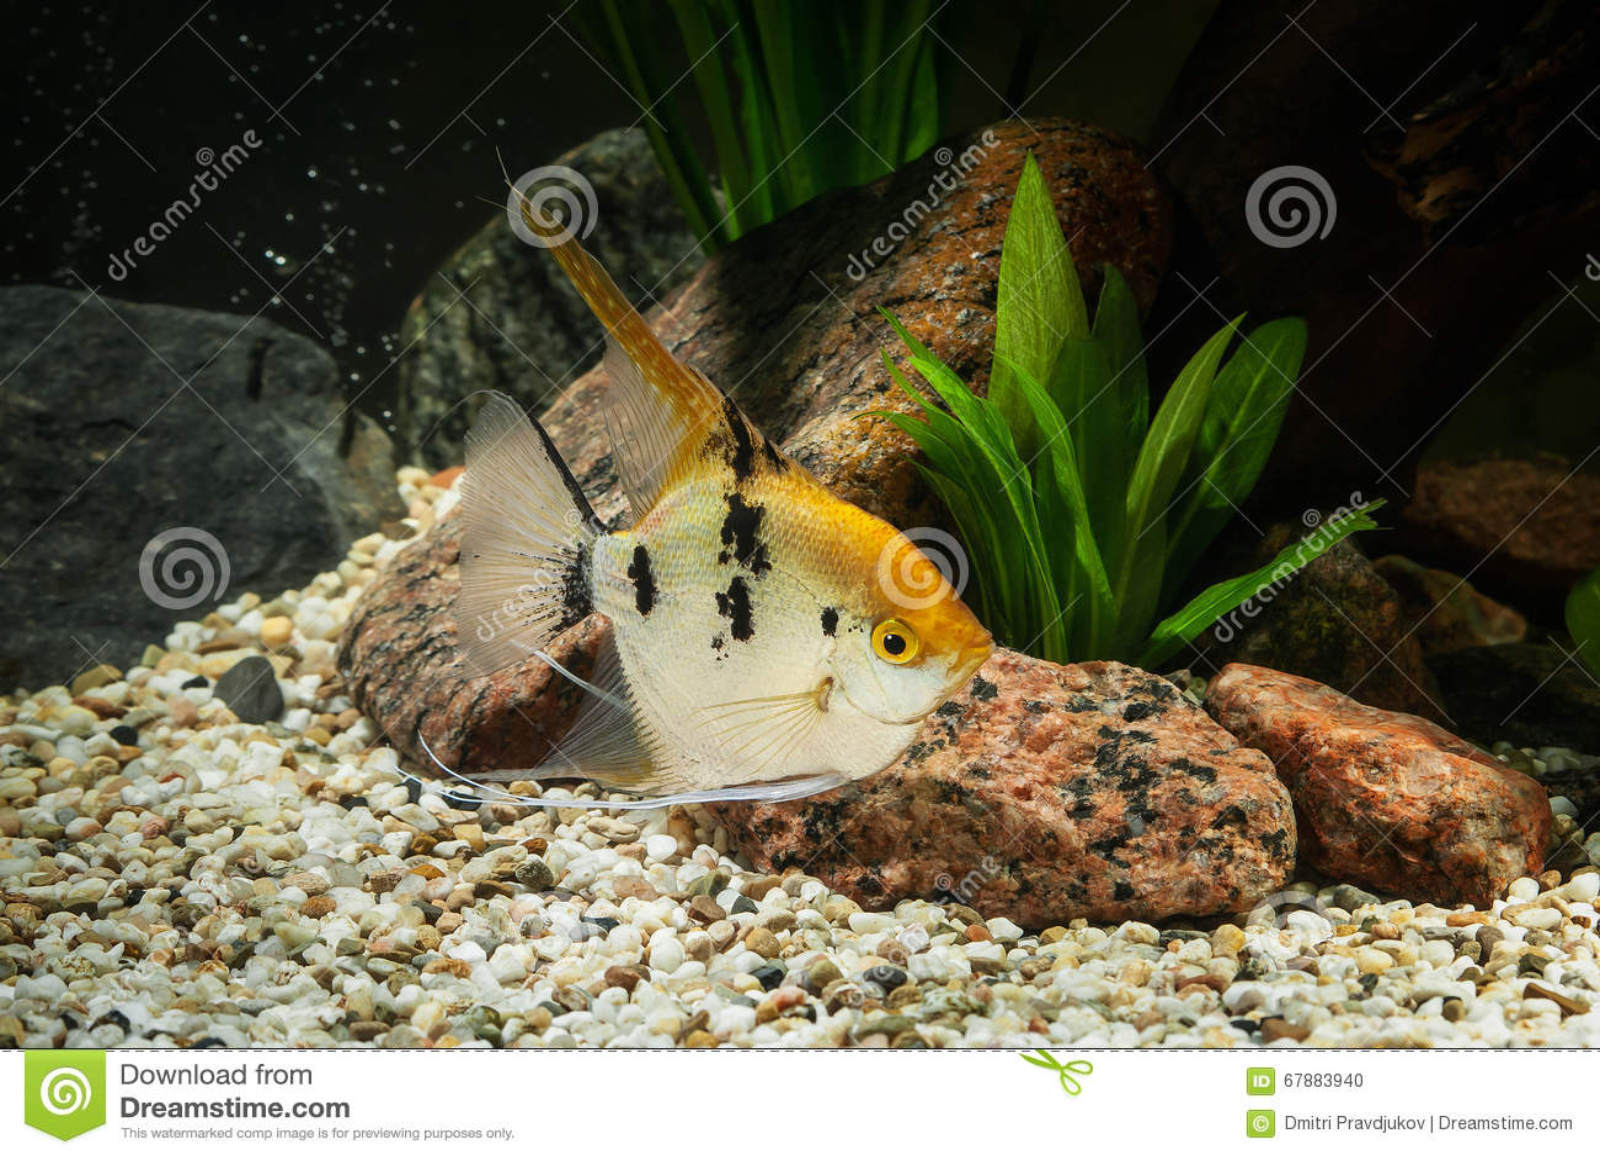 Pescado Angelote en acuario con las plantas verdes, y piedras